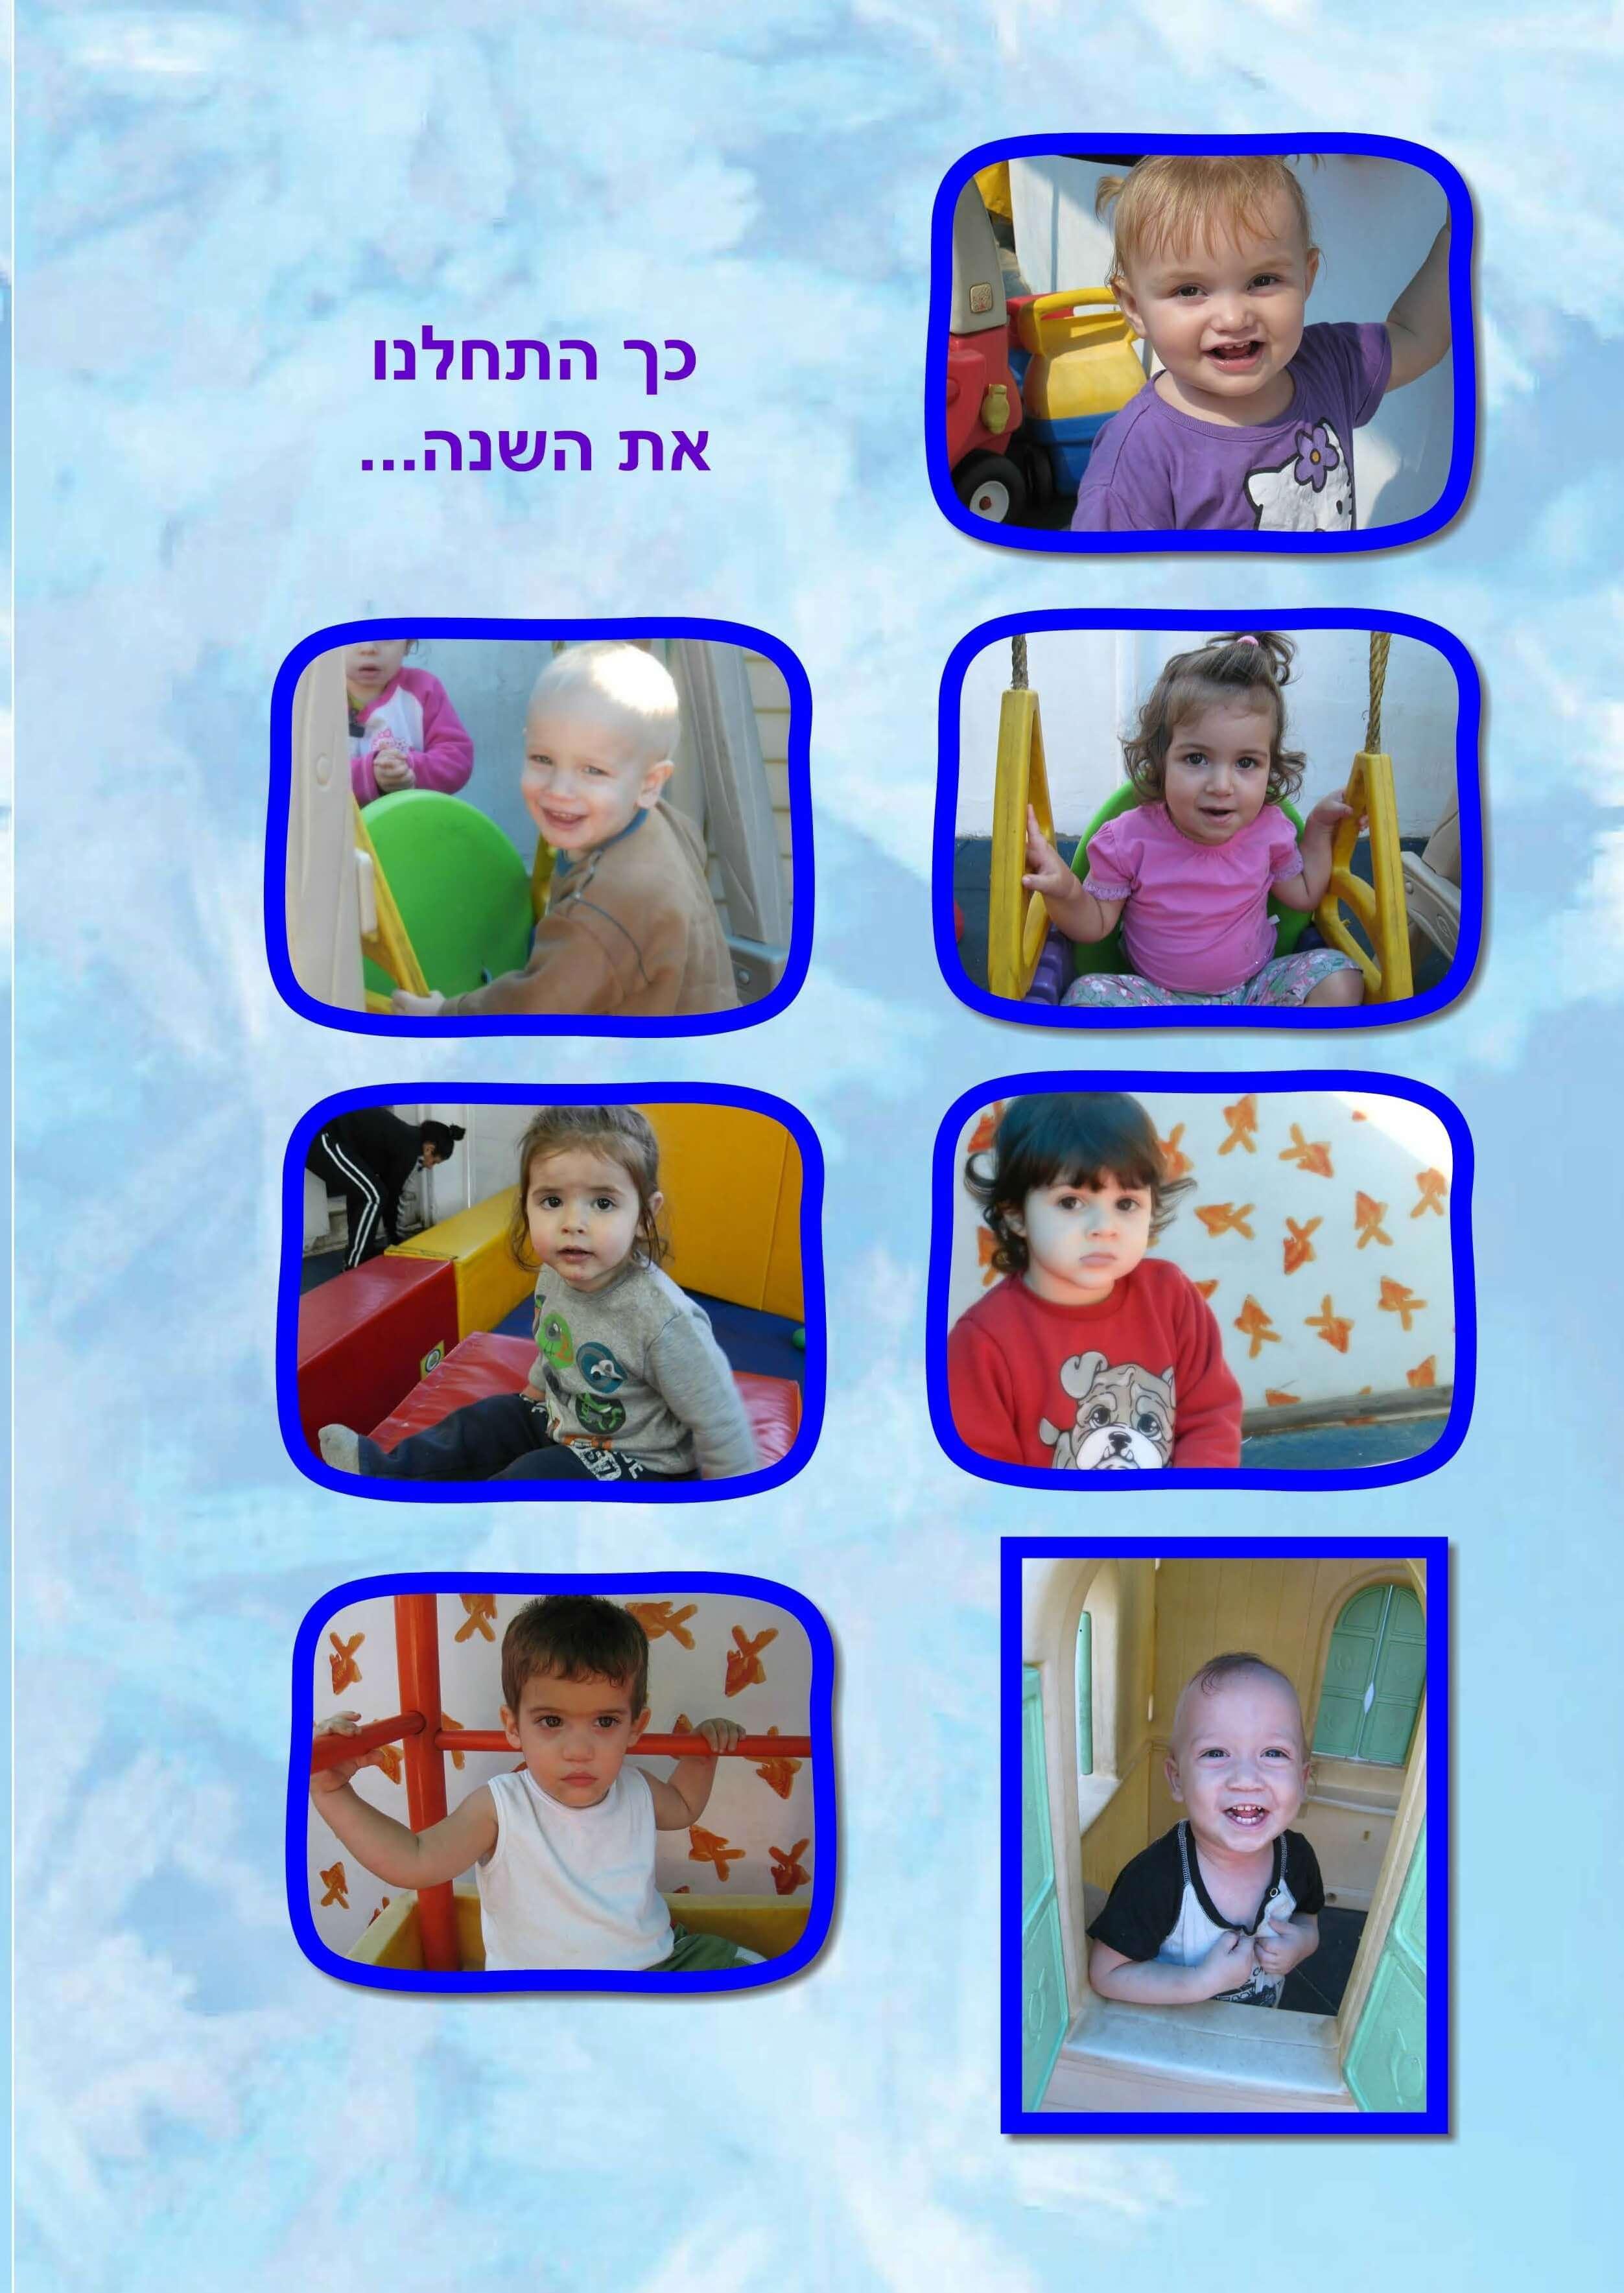 תמונות ילדים בספר סיום שנה